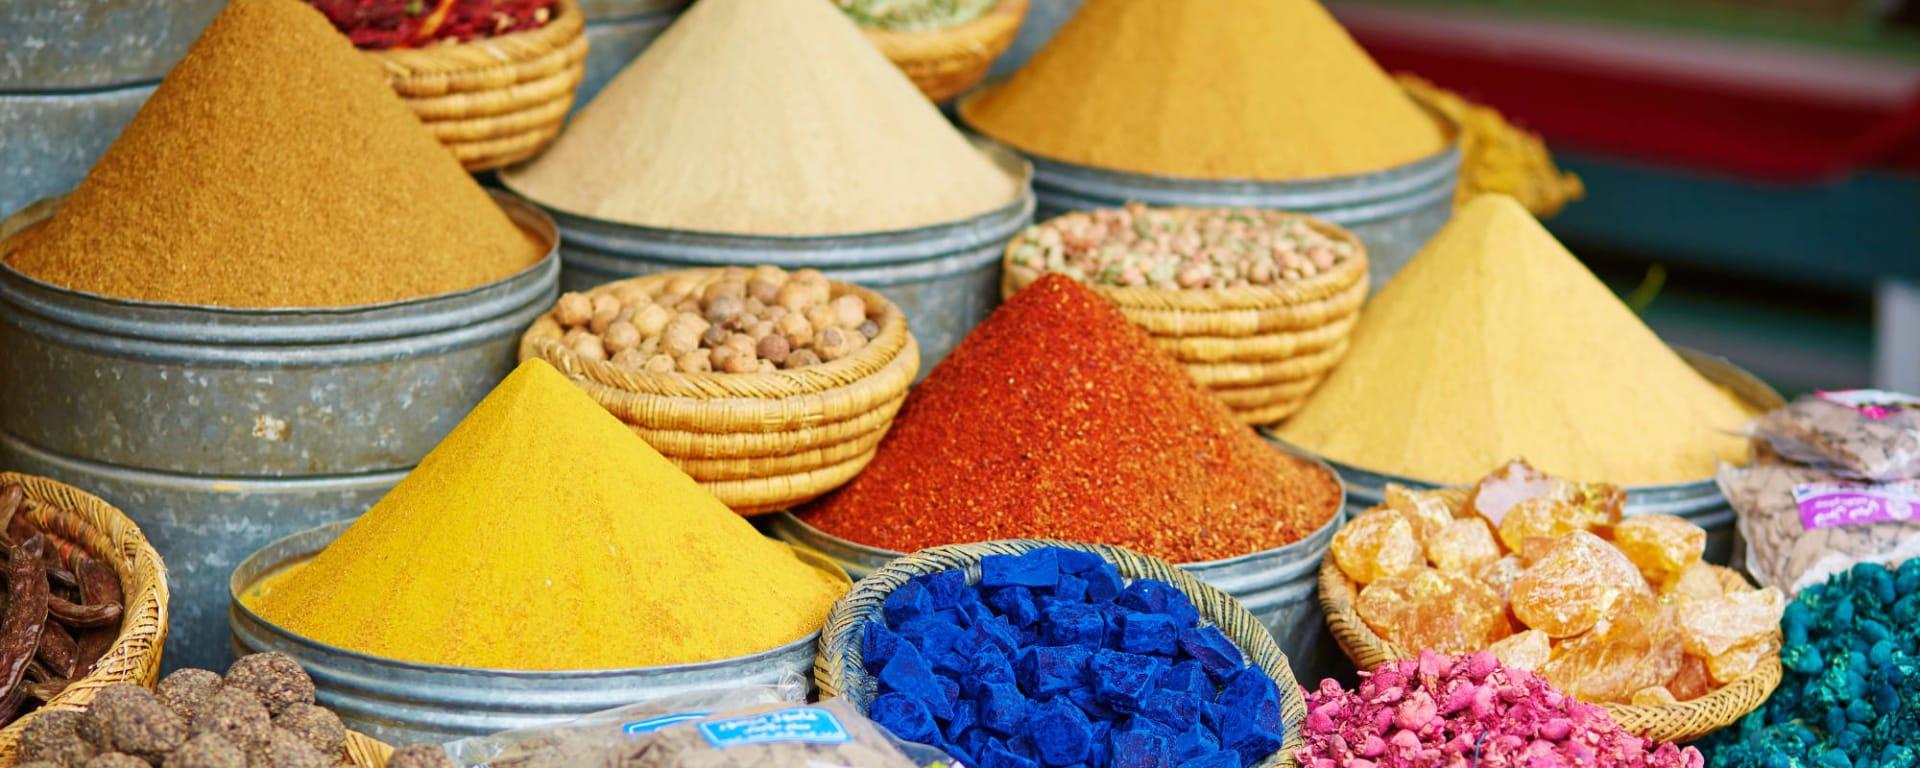 Marrakesch, DE, Ganztägig in Casablanca: Marrakesch Markt